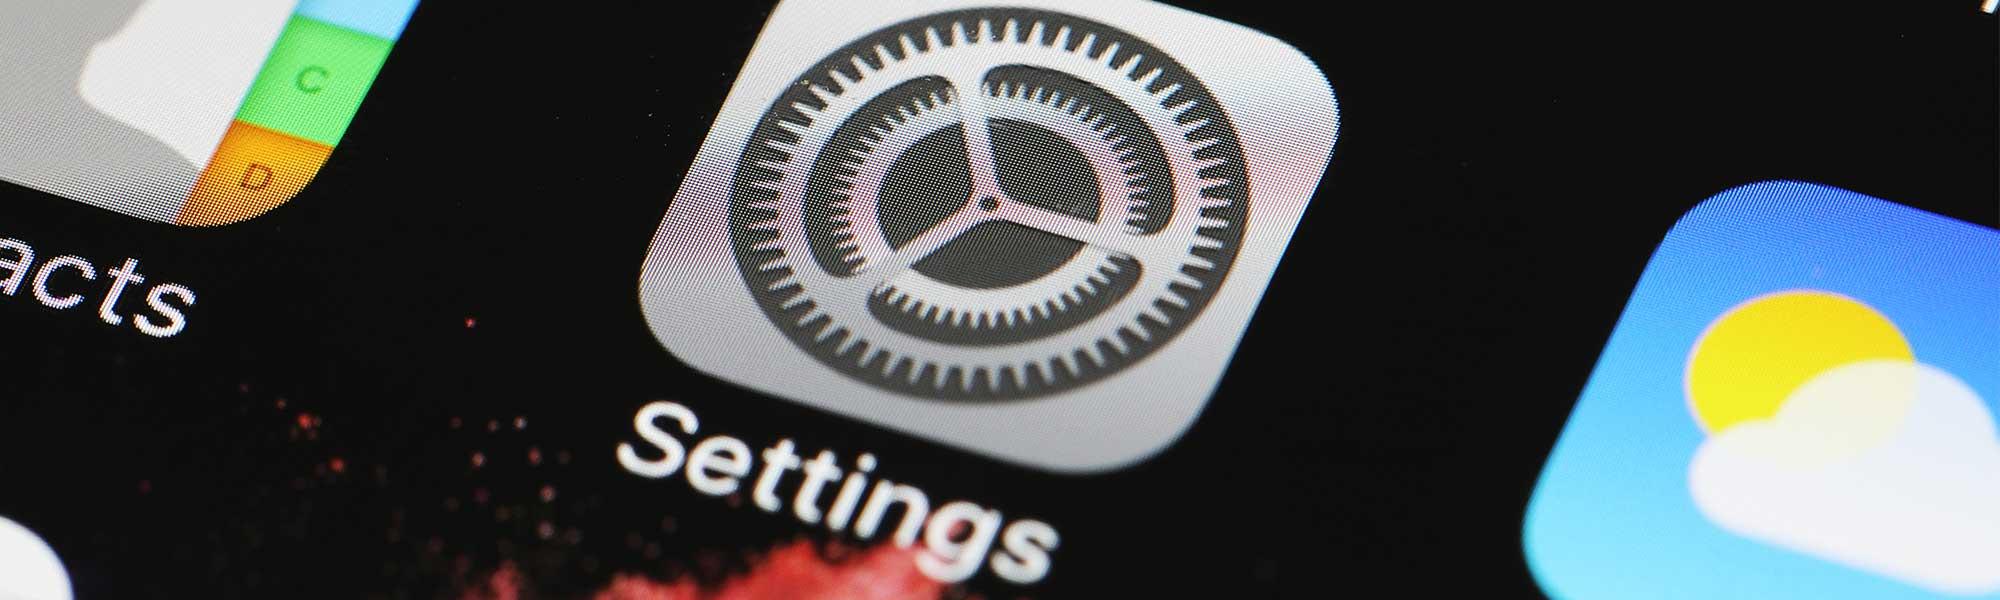 ios settings app logo